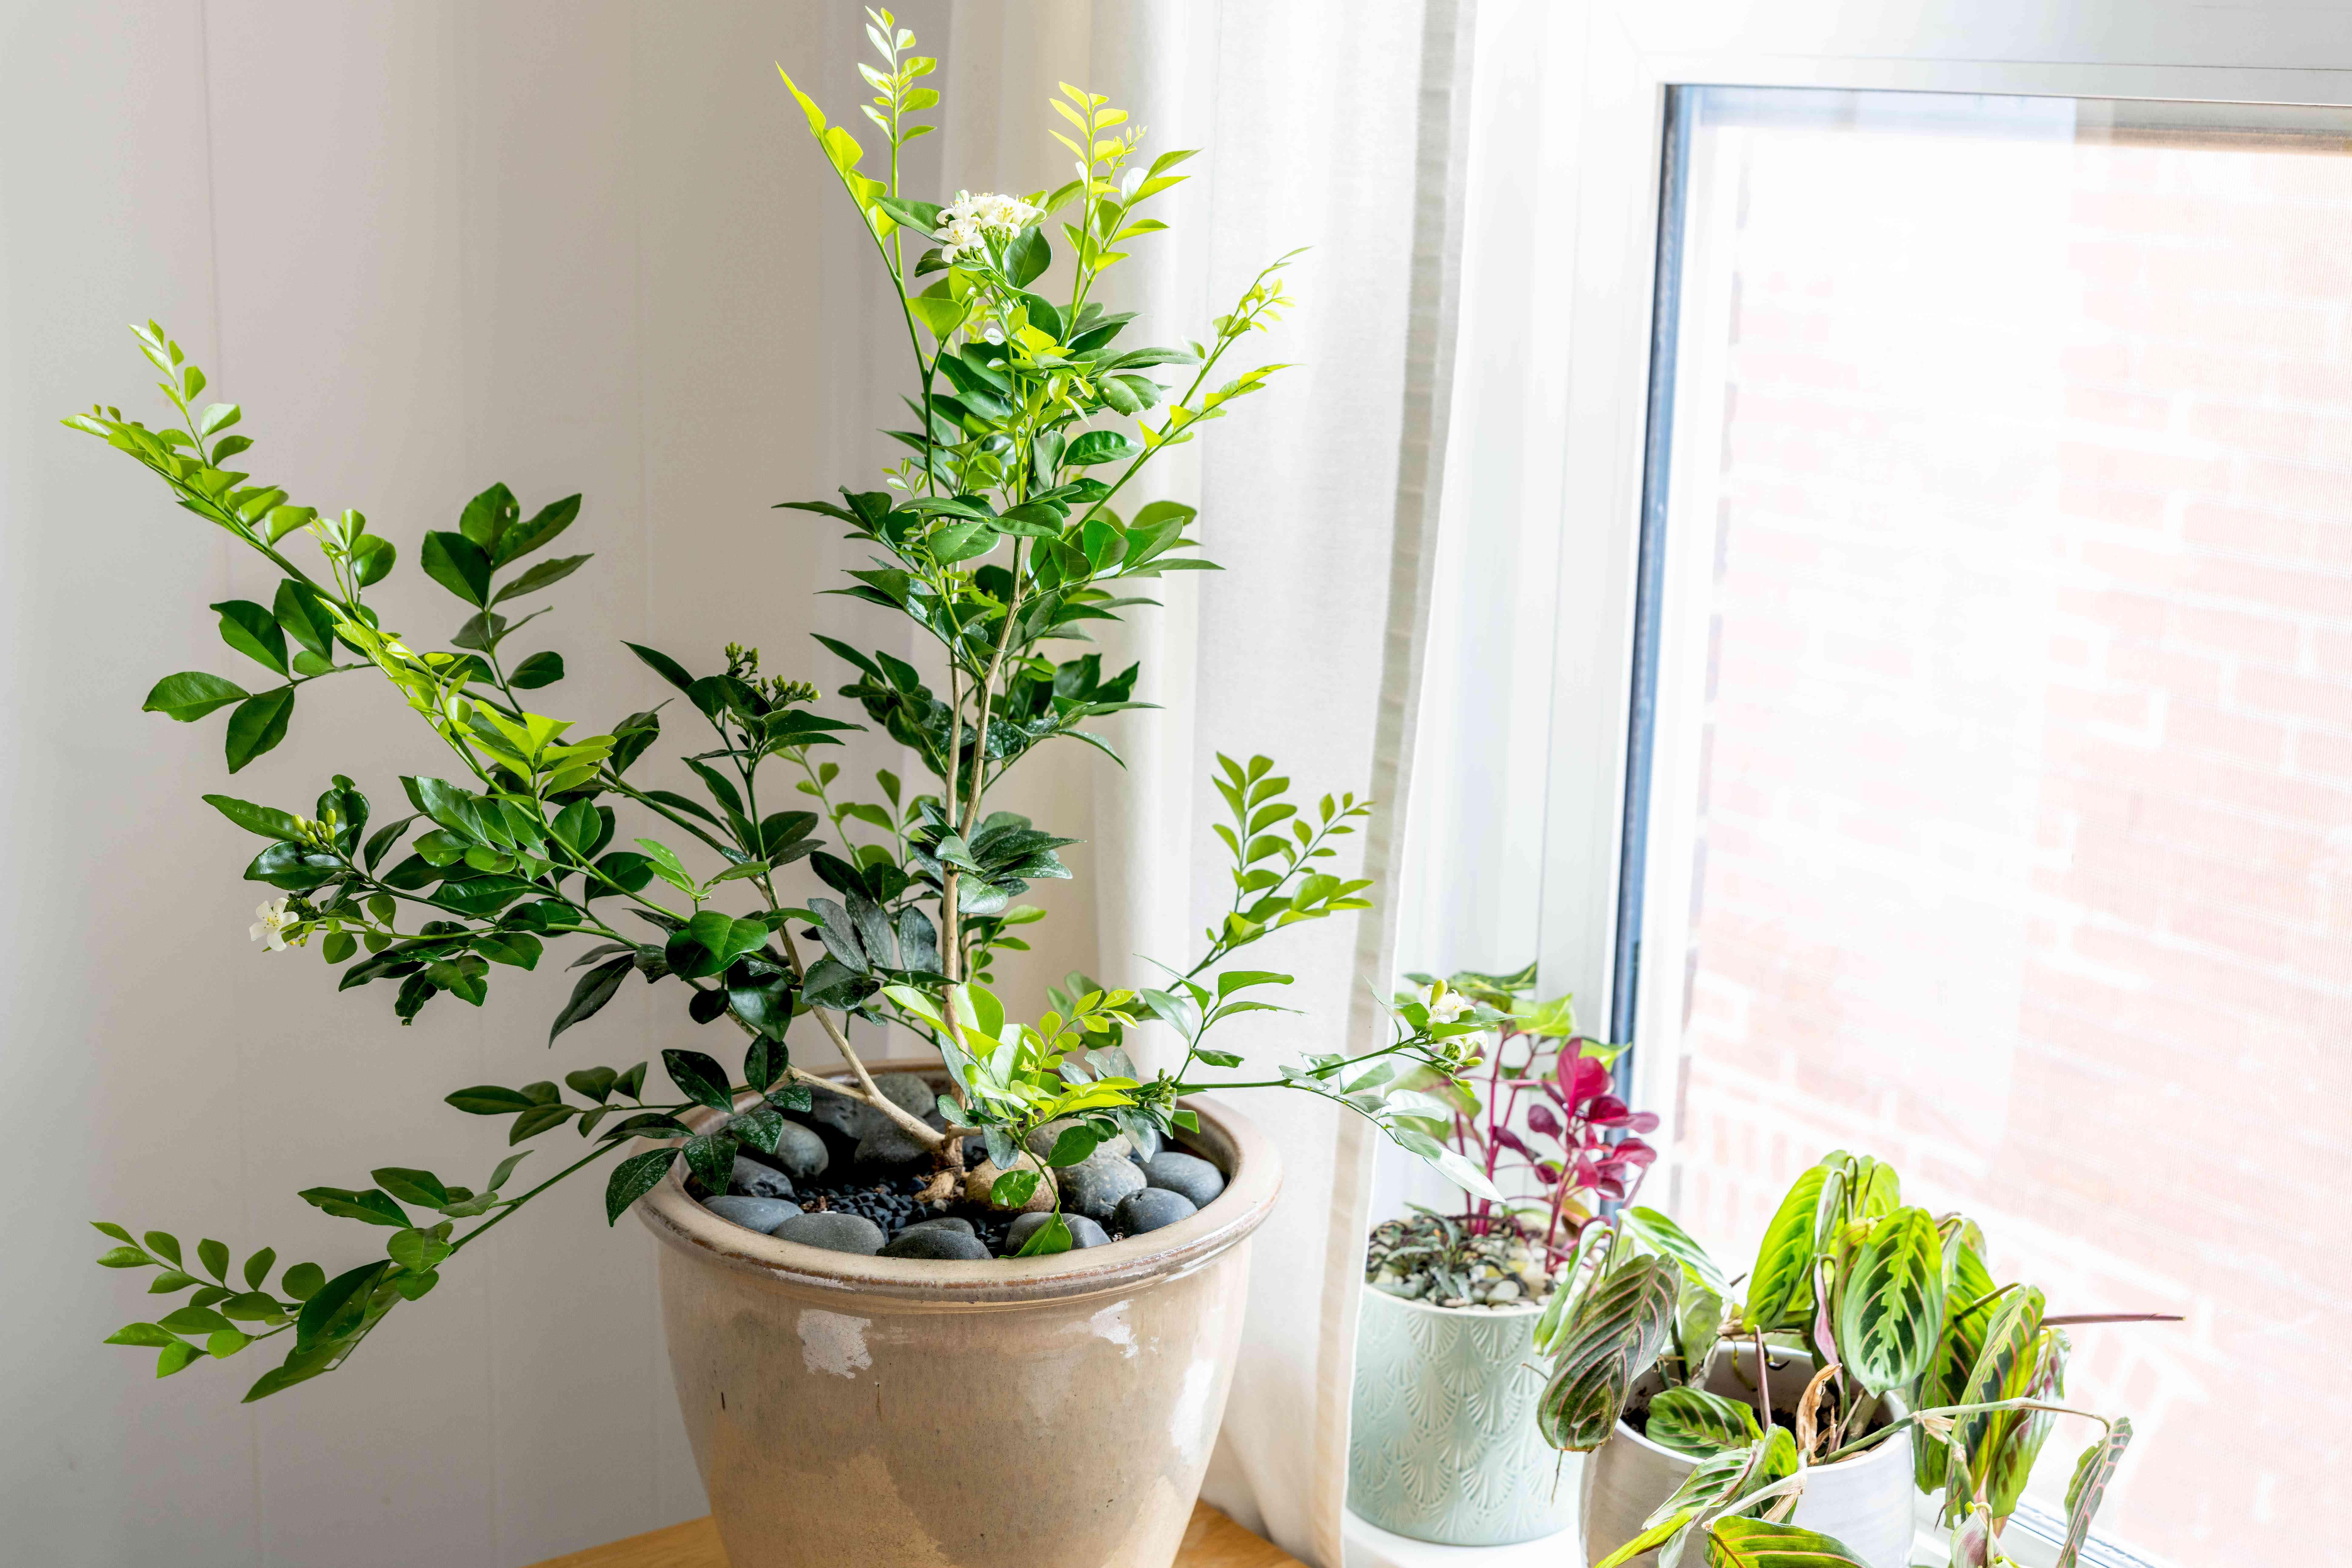 Orange jasmine in tan ceramic pot next ti window with other houseplants